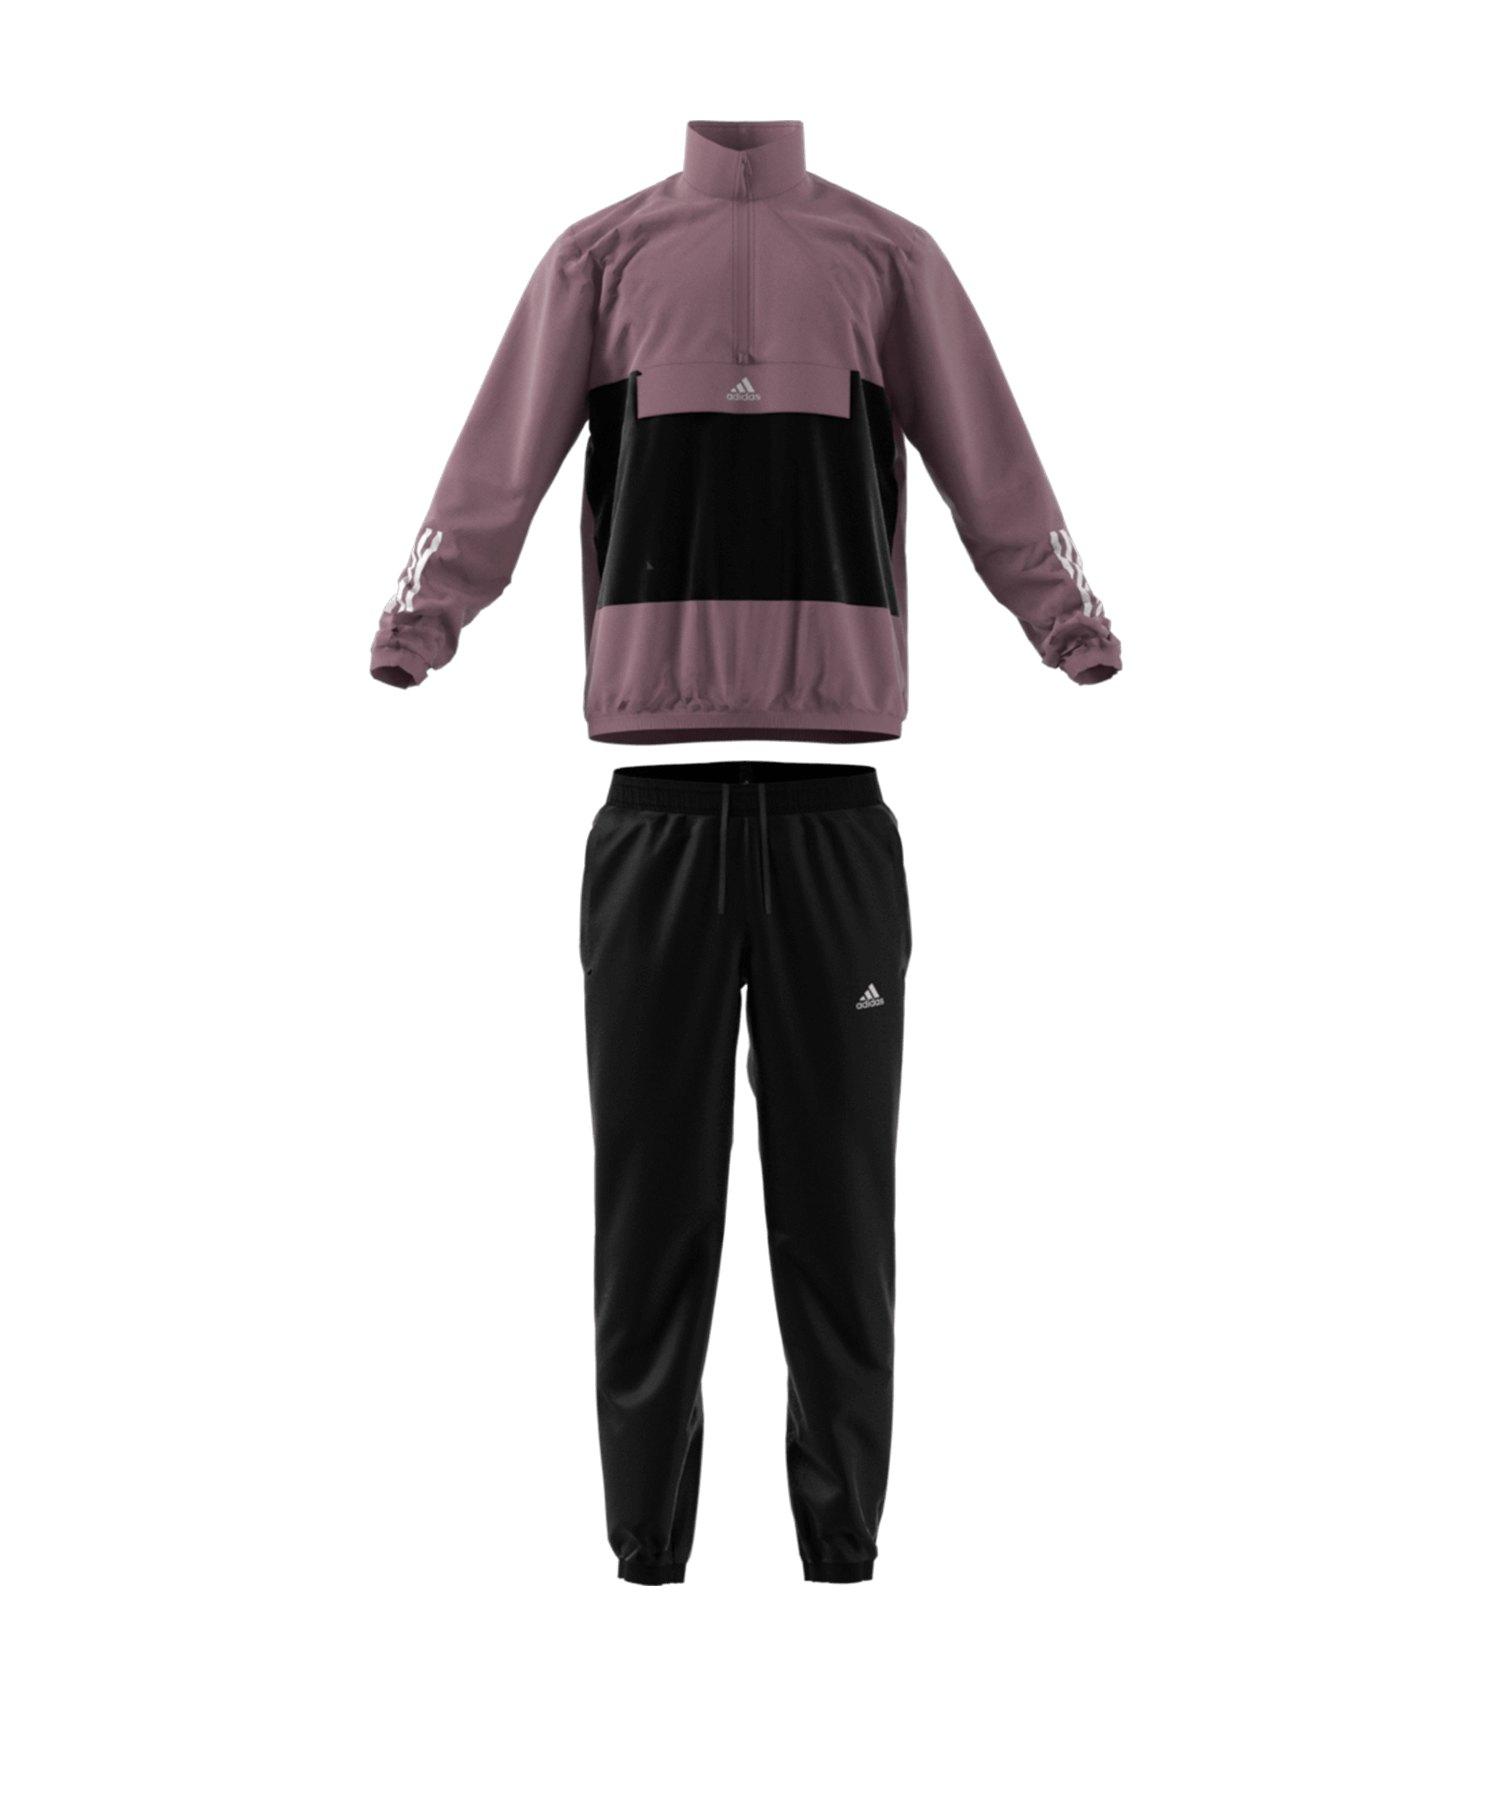 Adidas Anzug schwarz weiß S Neu